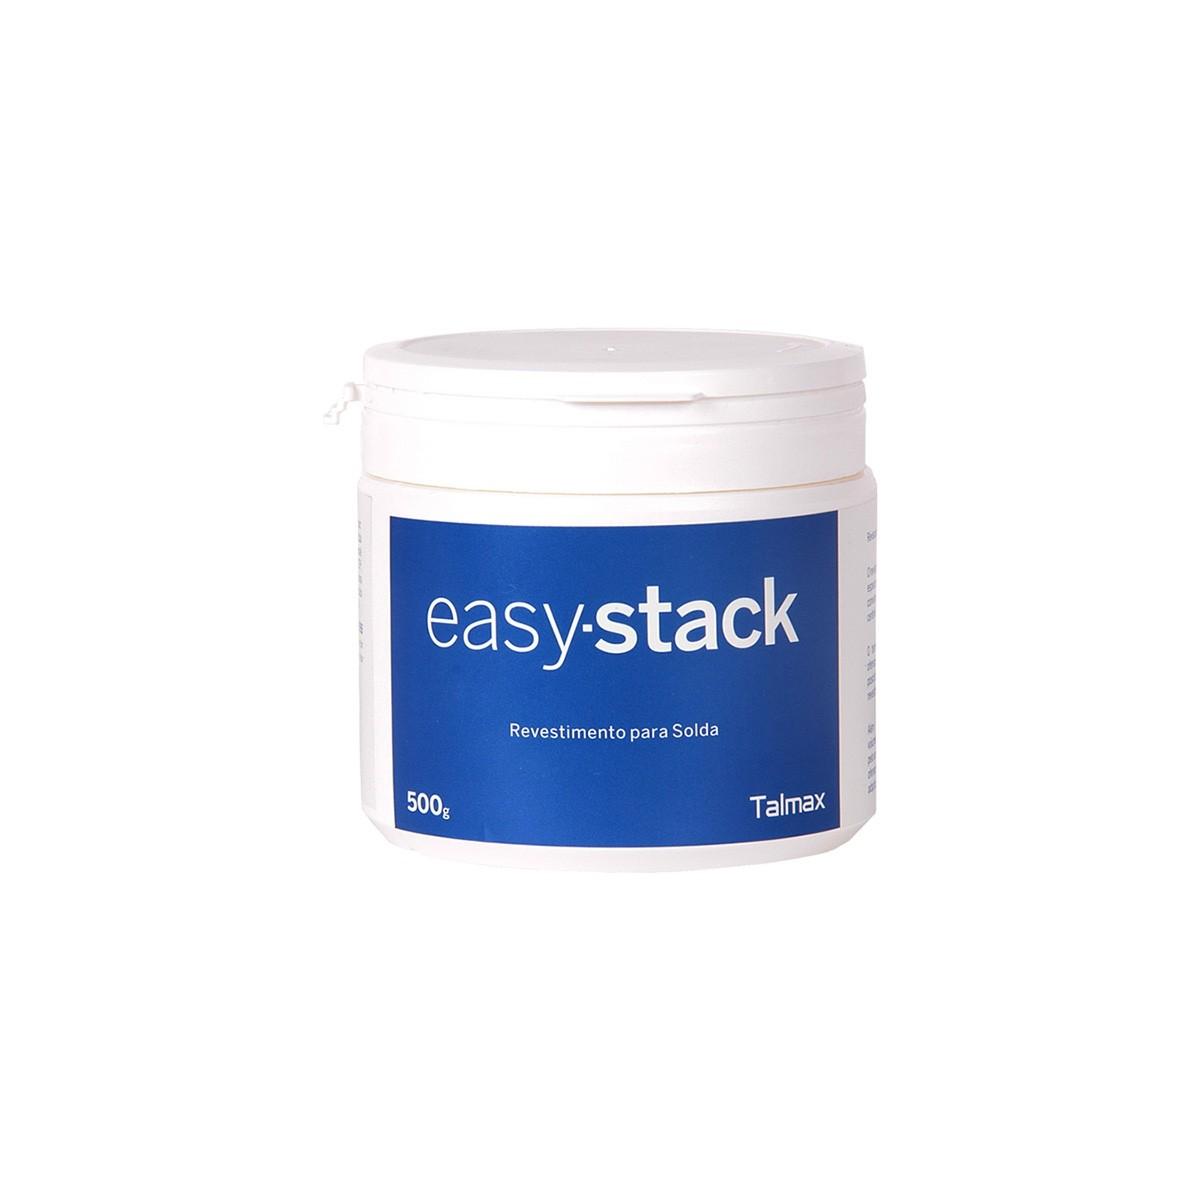 Revestimento Solda Easy Stack Talmax- 500mg